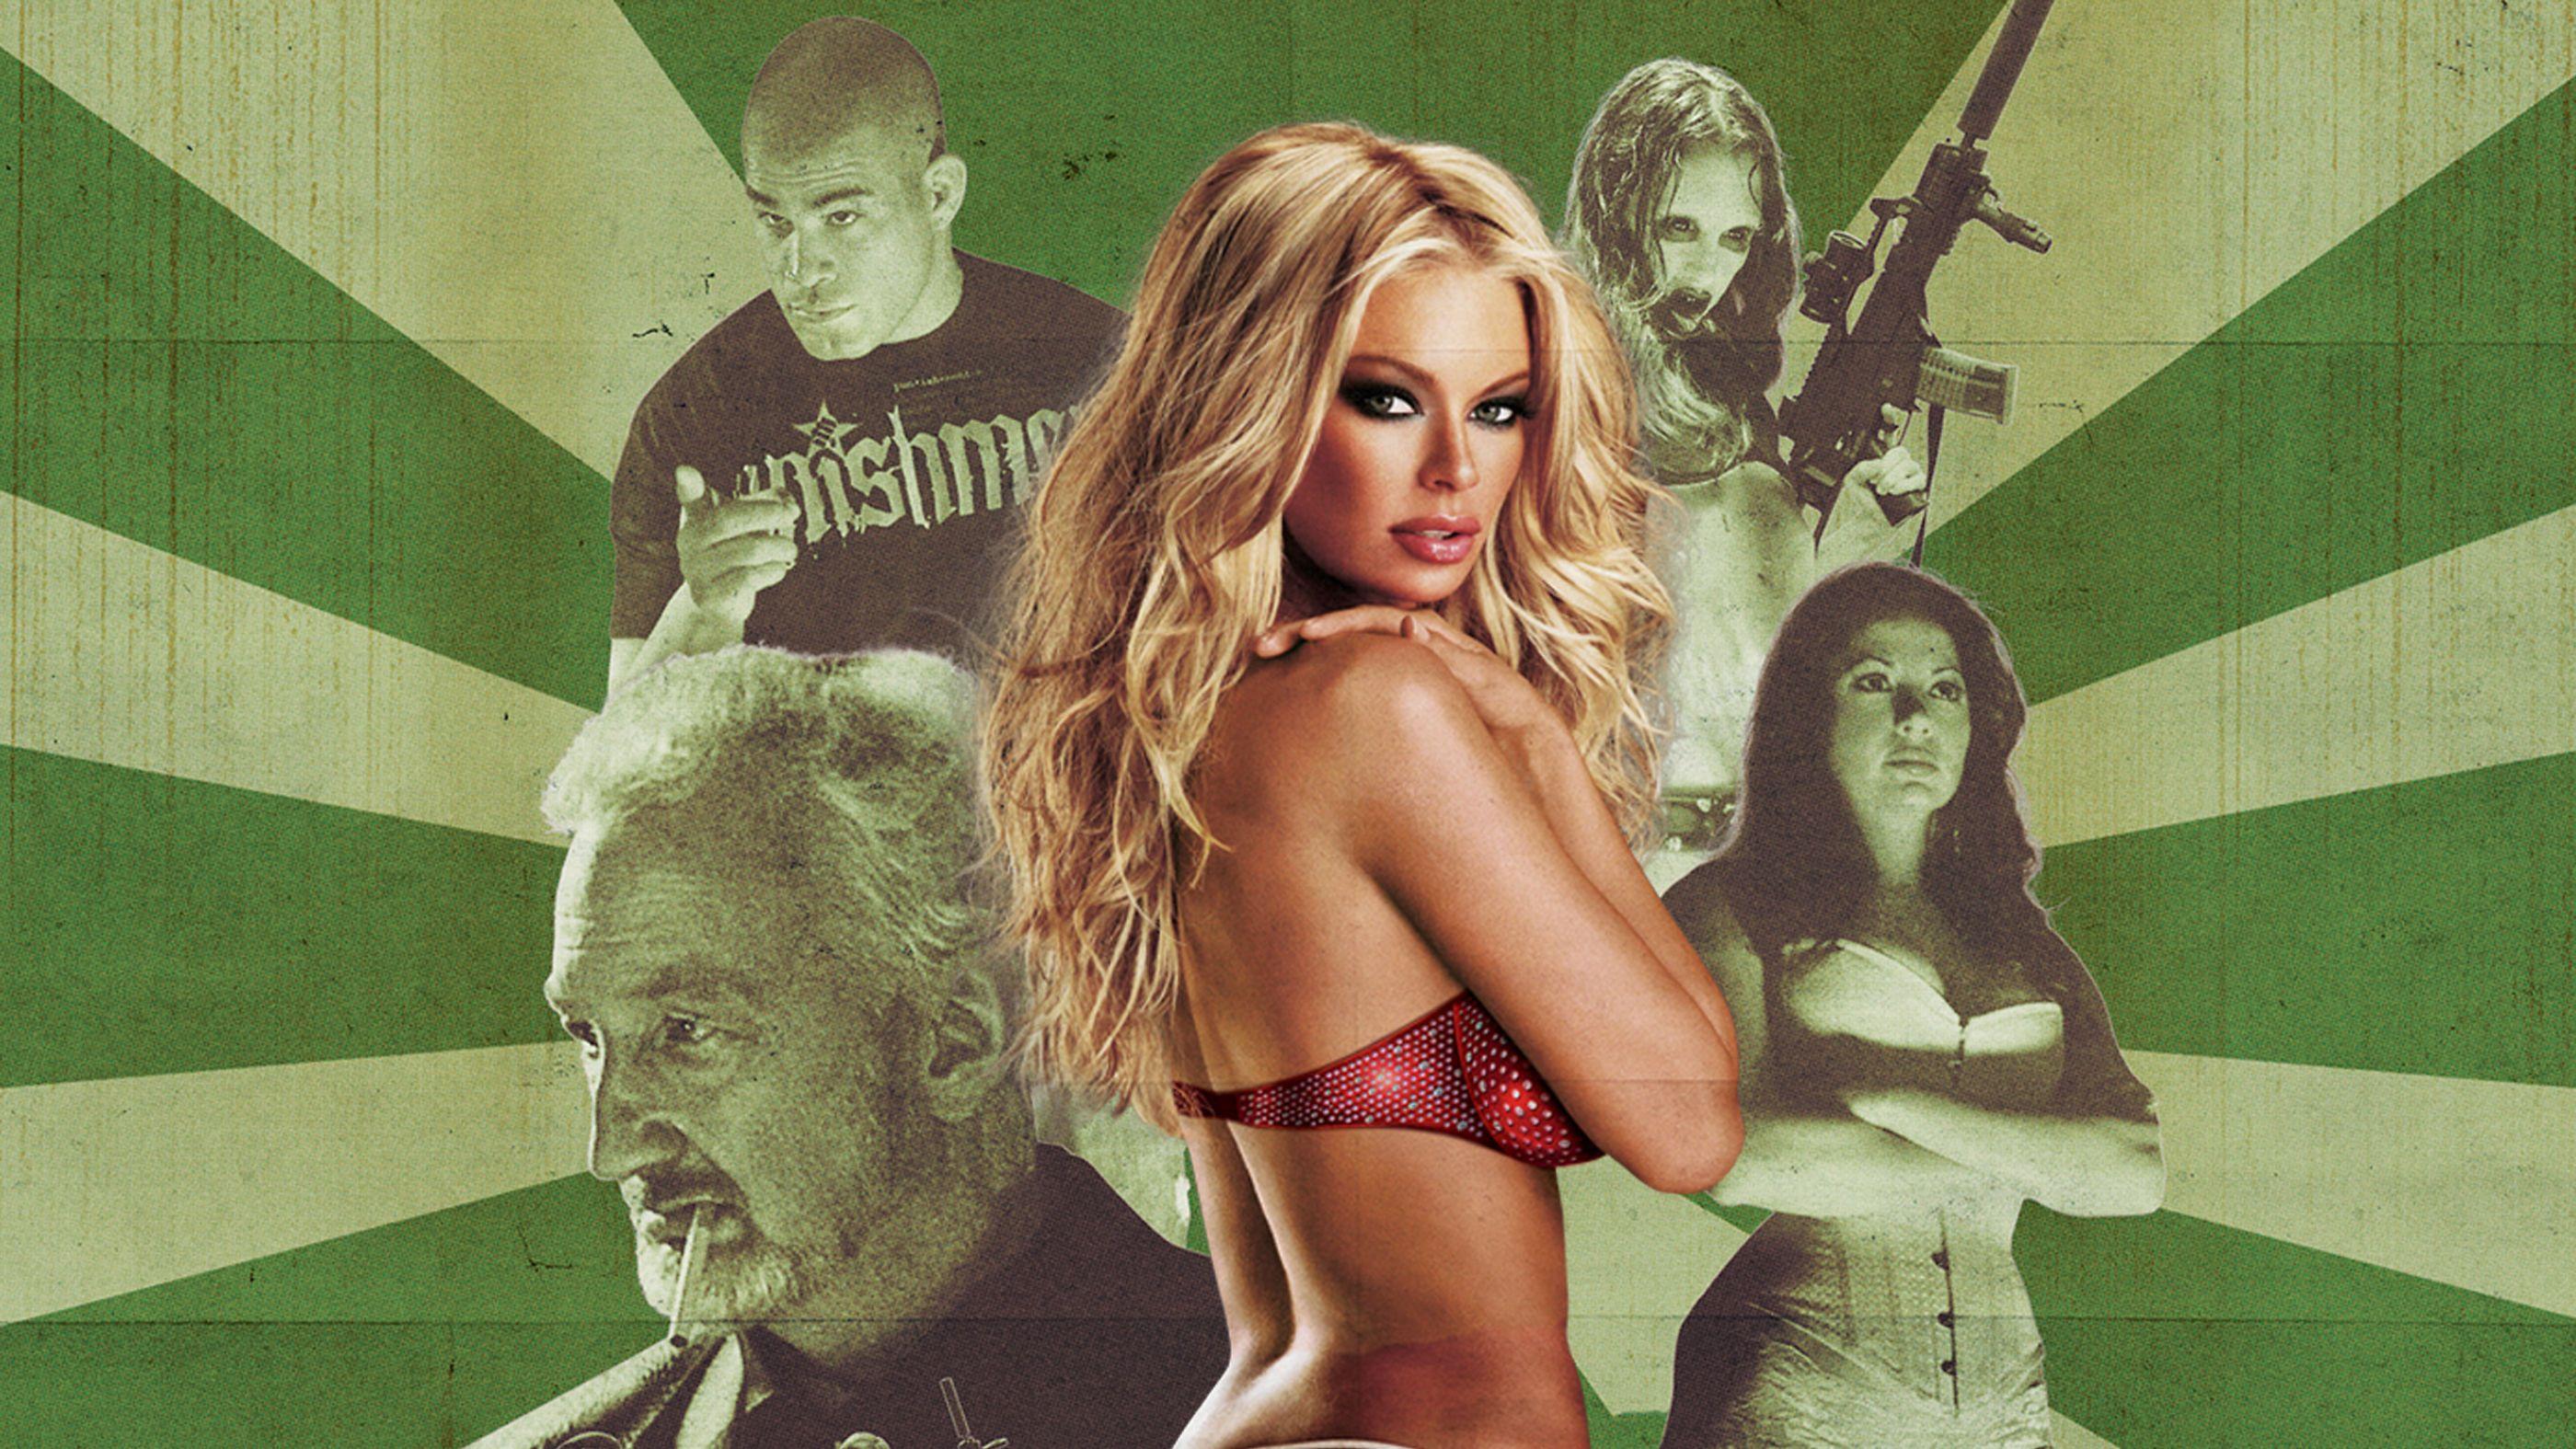 10 estrellas del porno que han salido en películas de terror